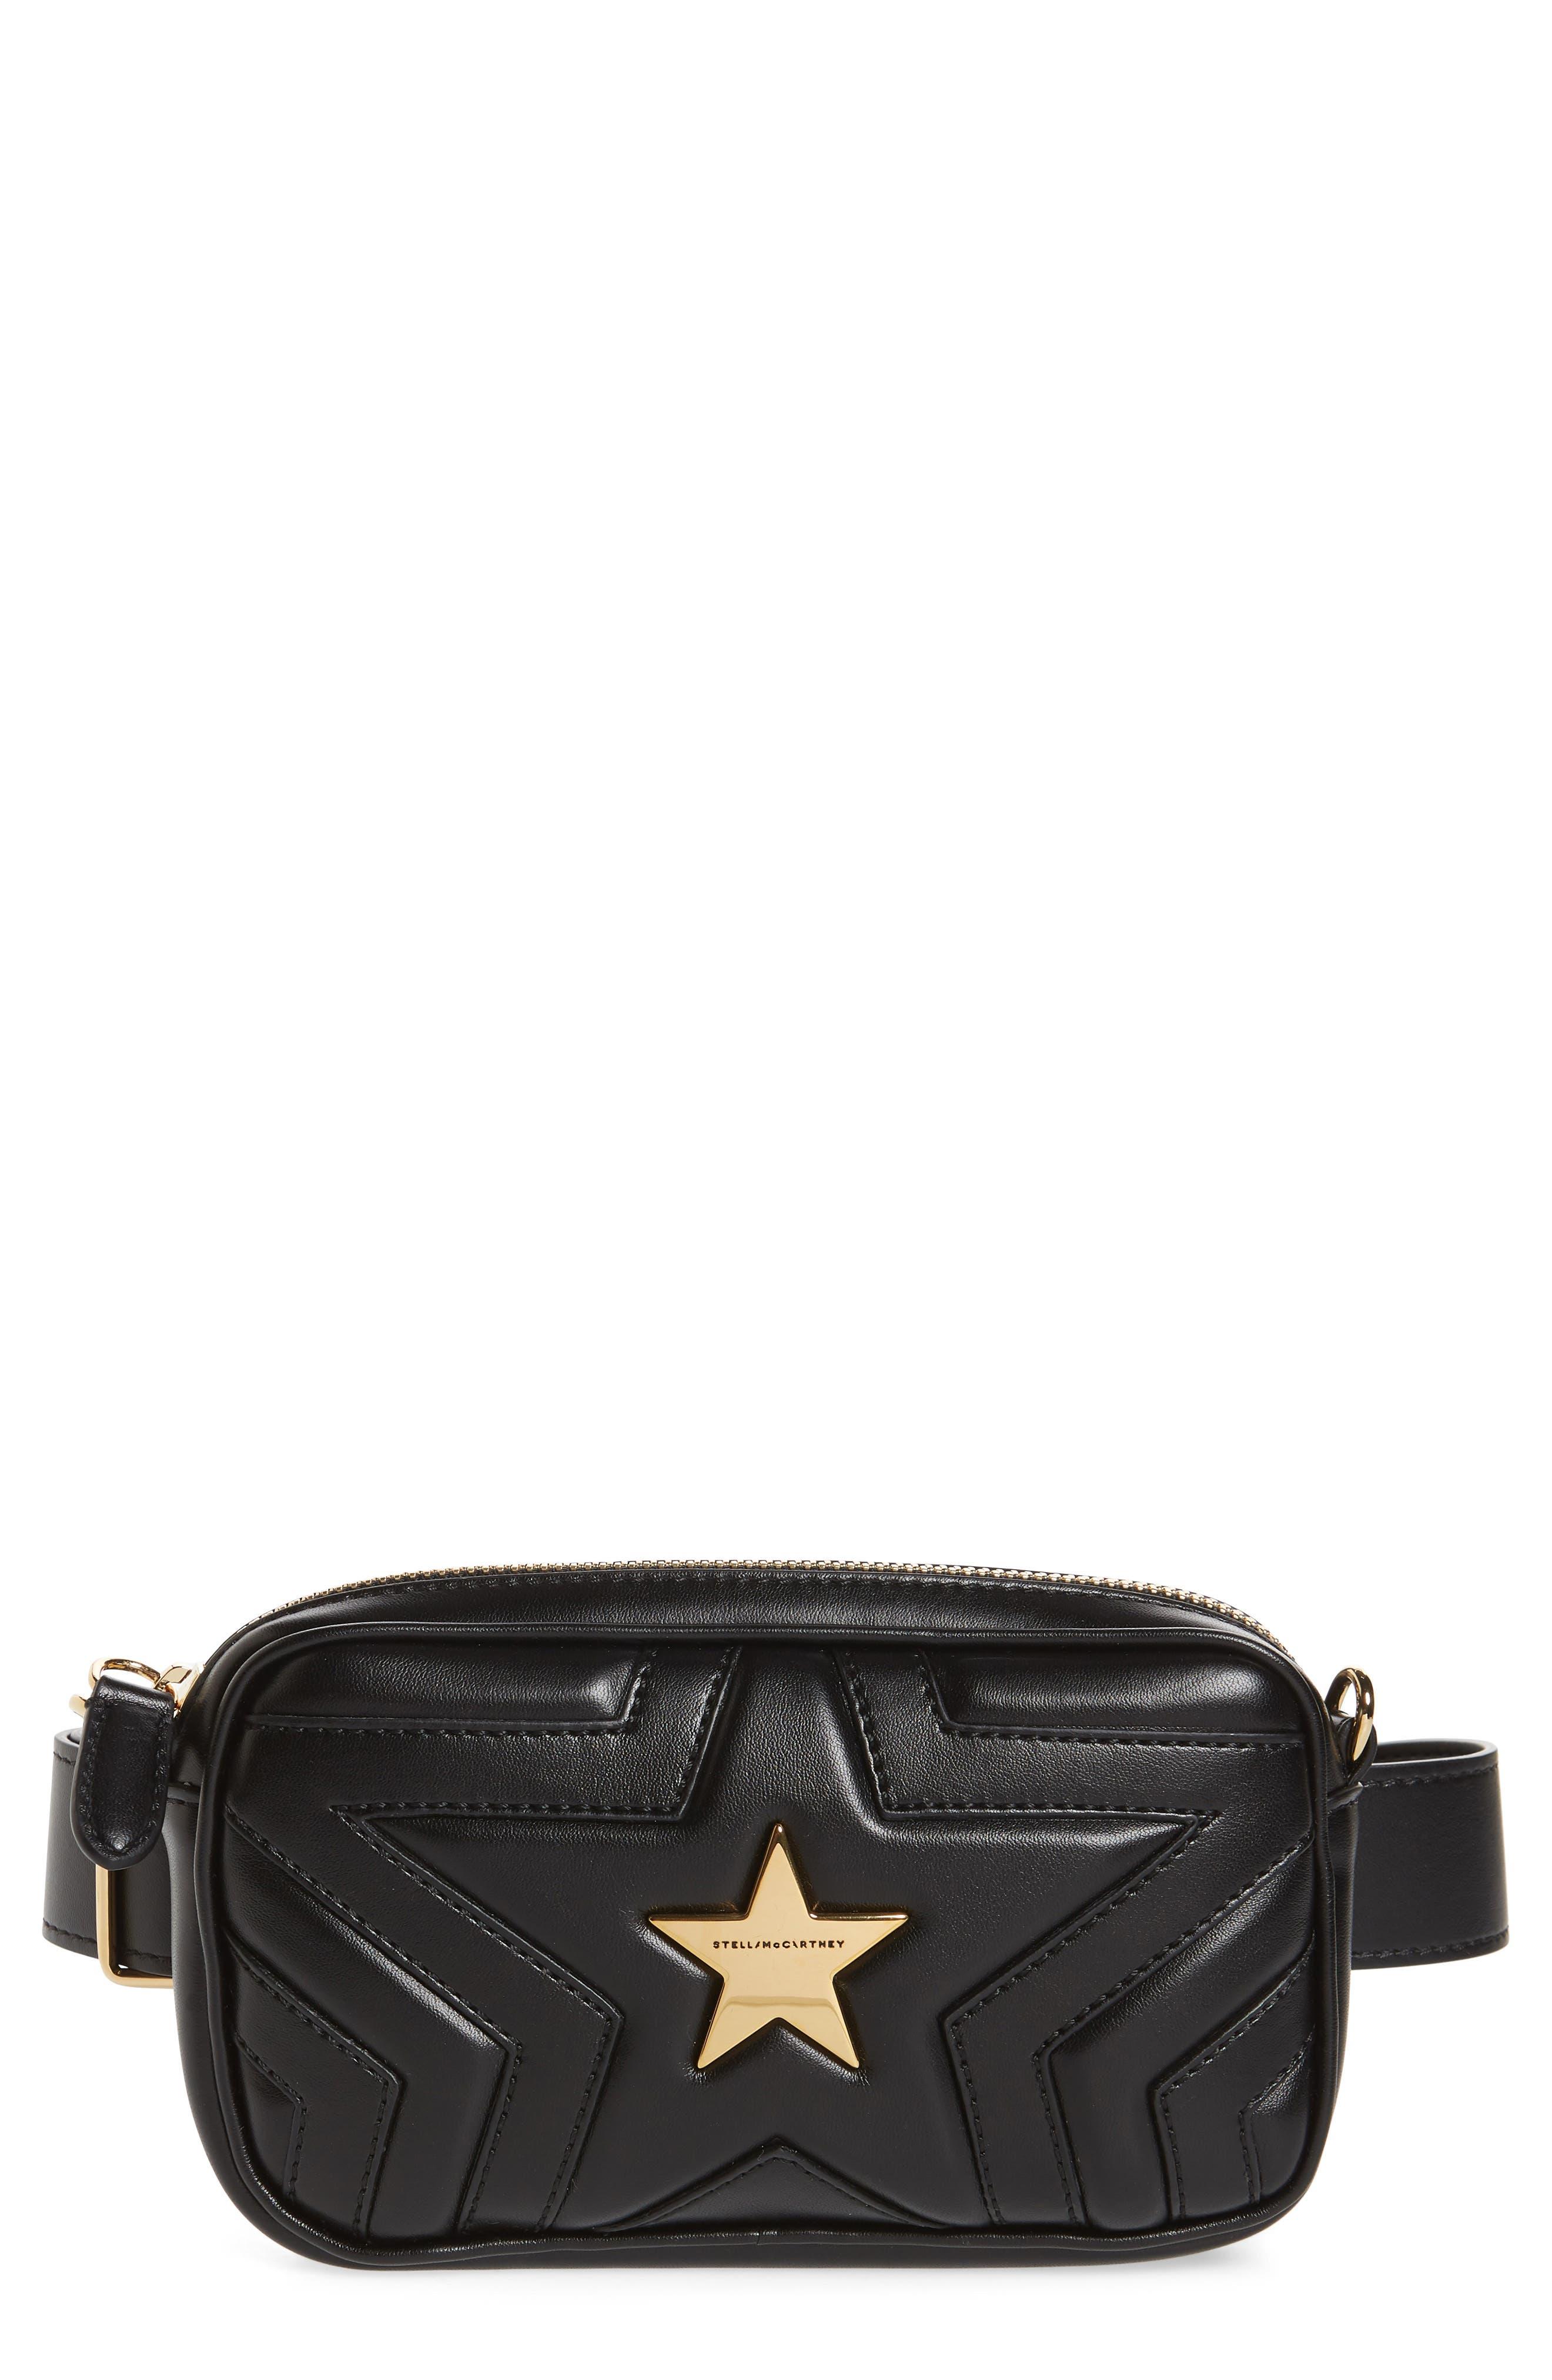 69e994911d67c6 Stella Mccartney Belt Bags & Fanny Packs | Nordstrom